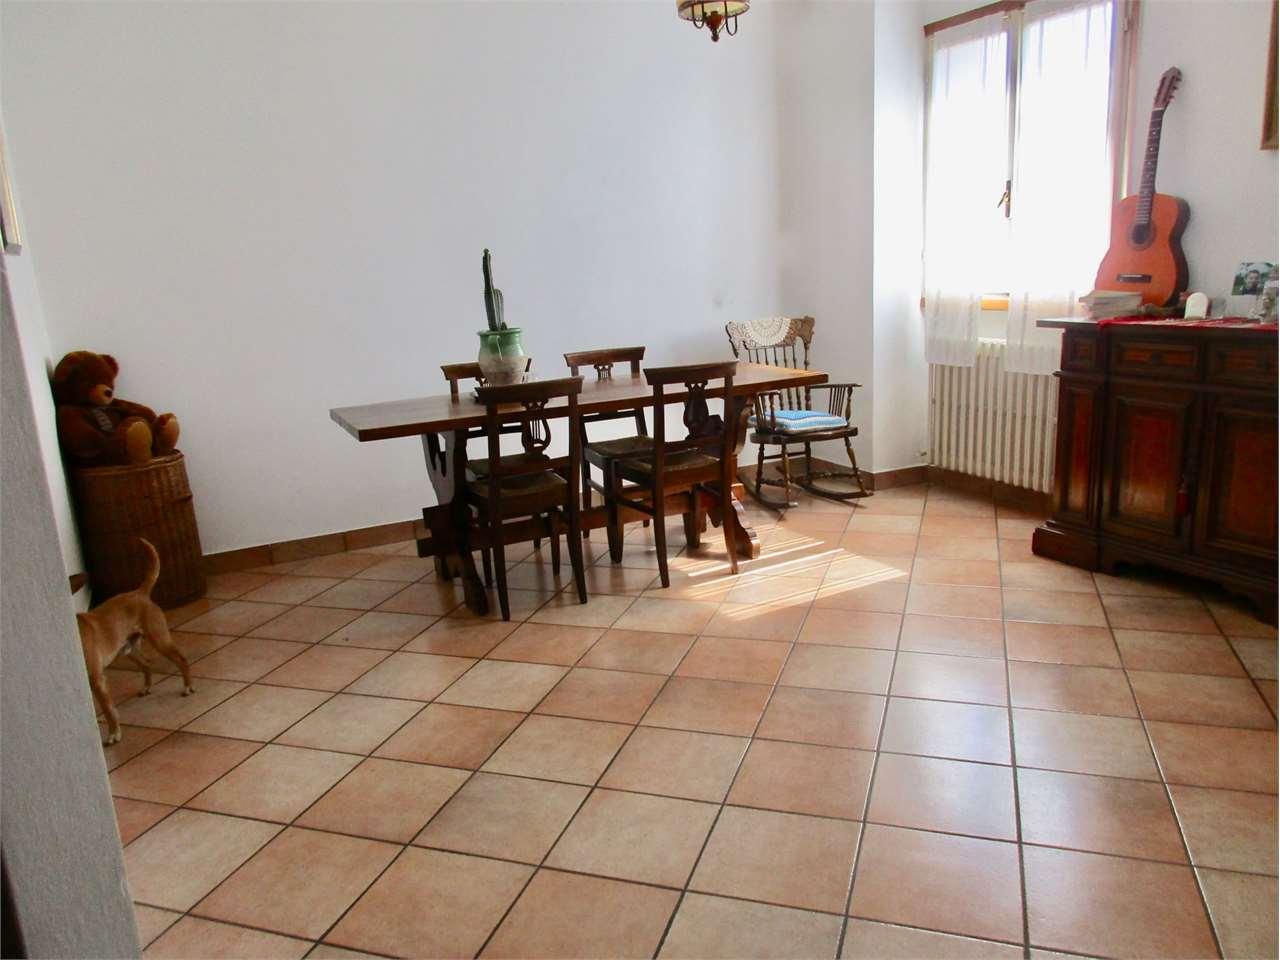 Palazzo/Palazzina/Stabile in vendita - 180 mq